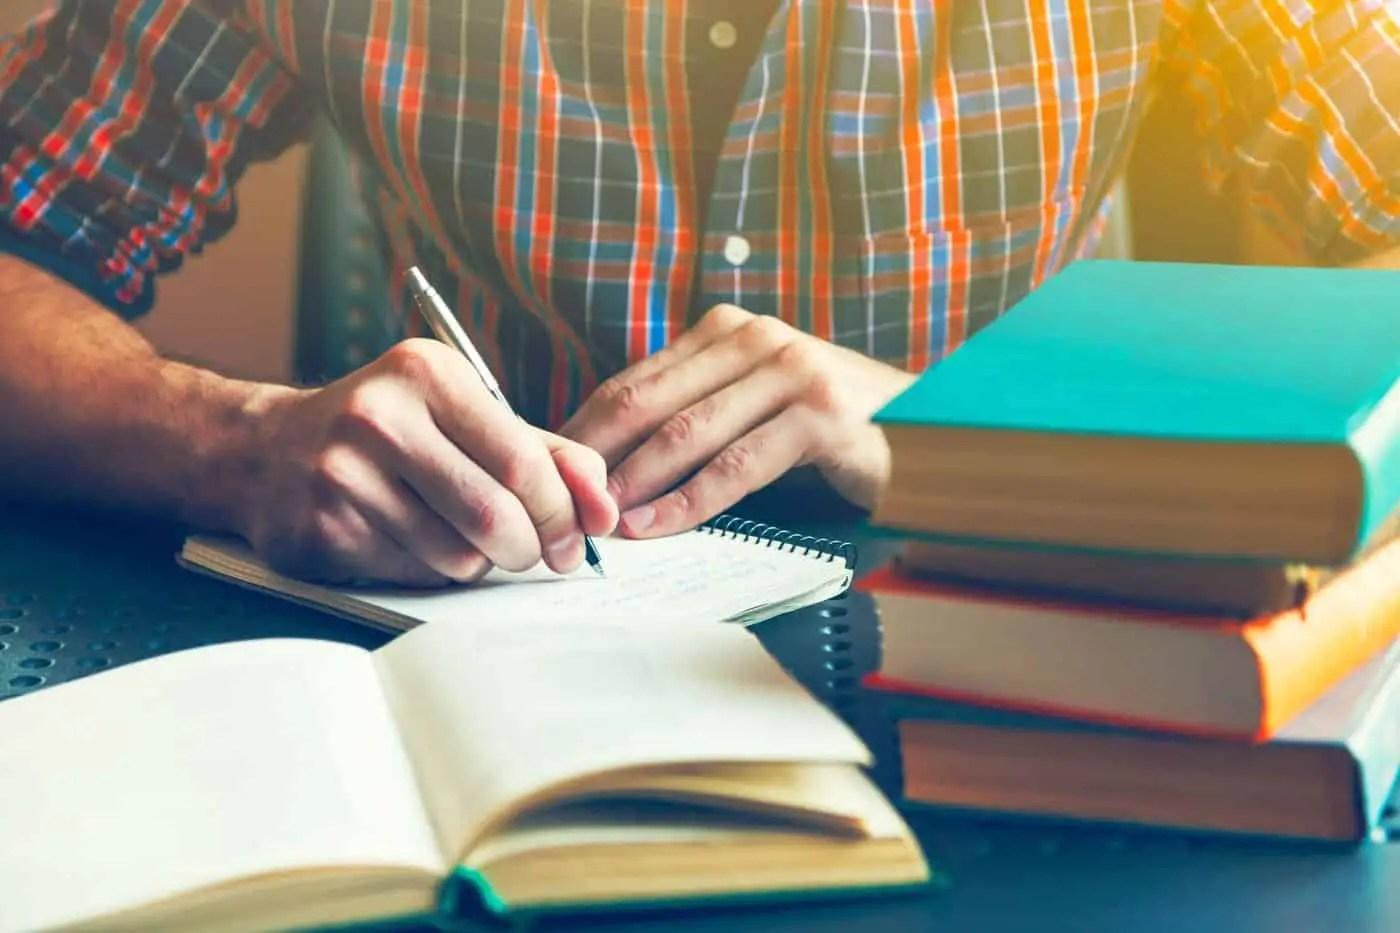 4 Ingredientes clave necesarios para crear contenido de alta calidad